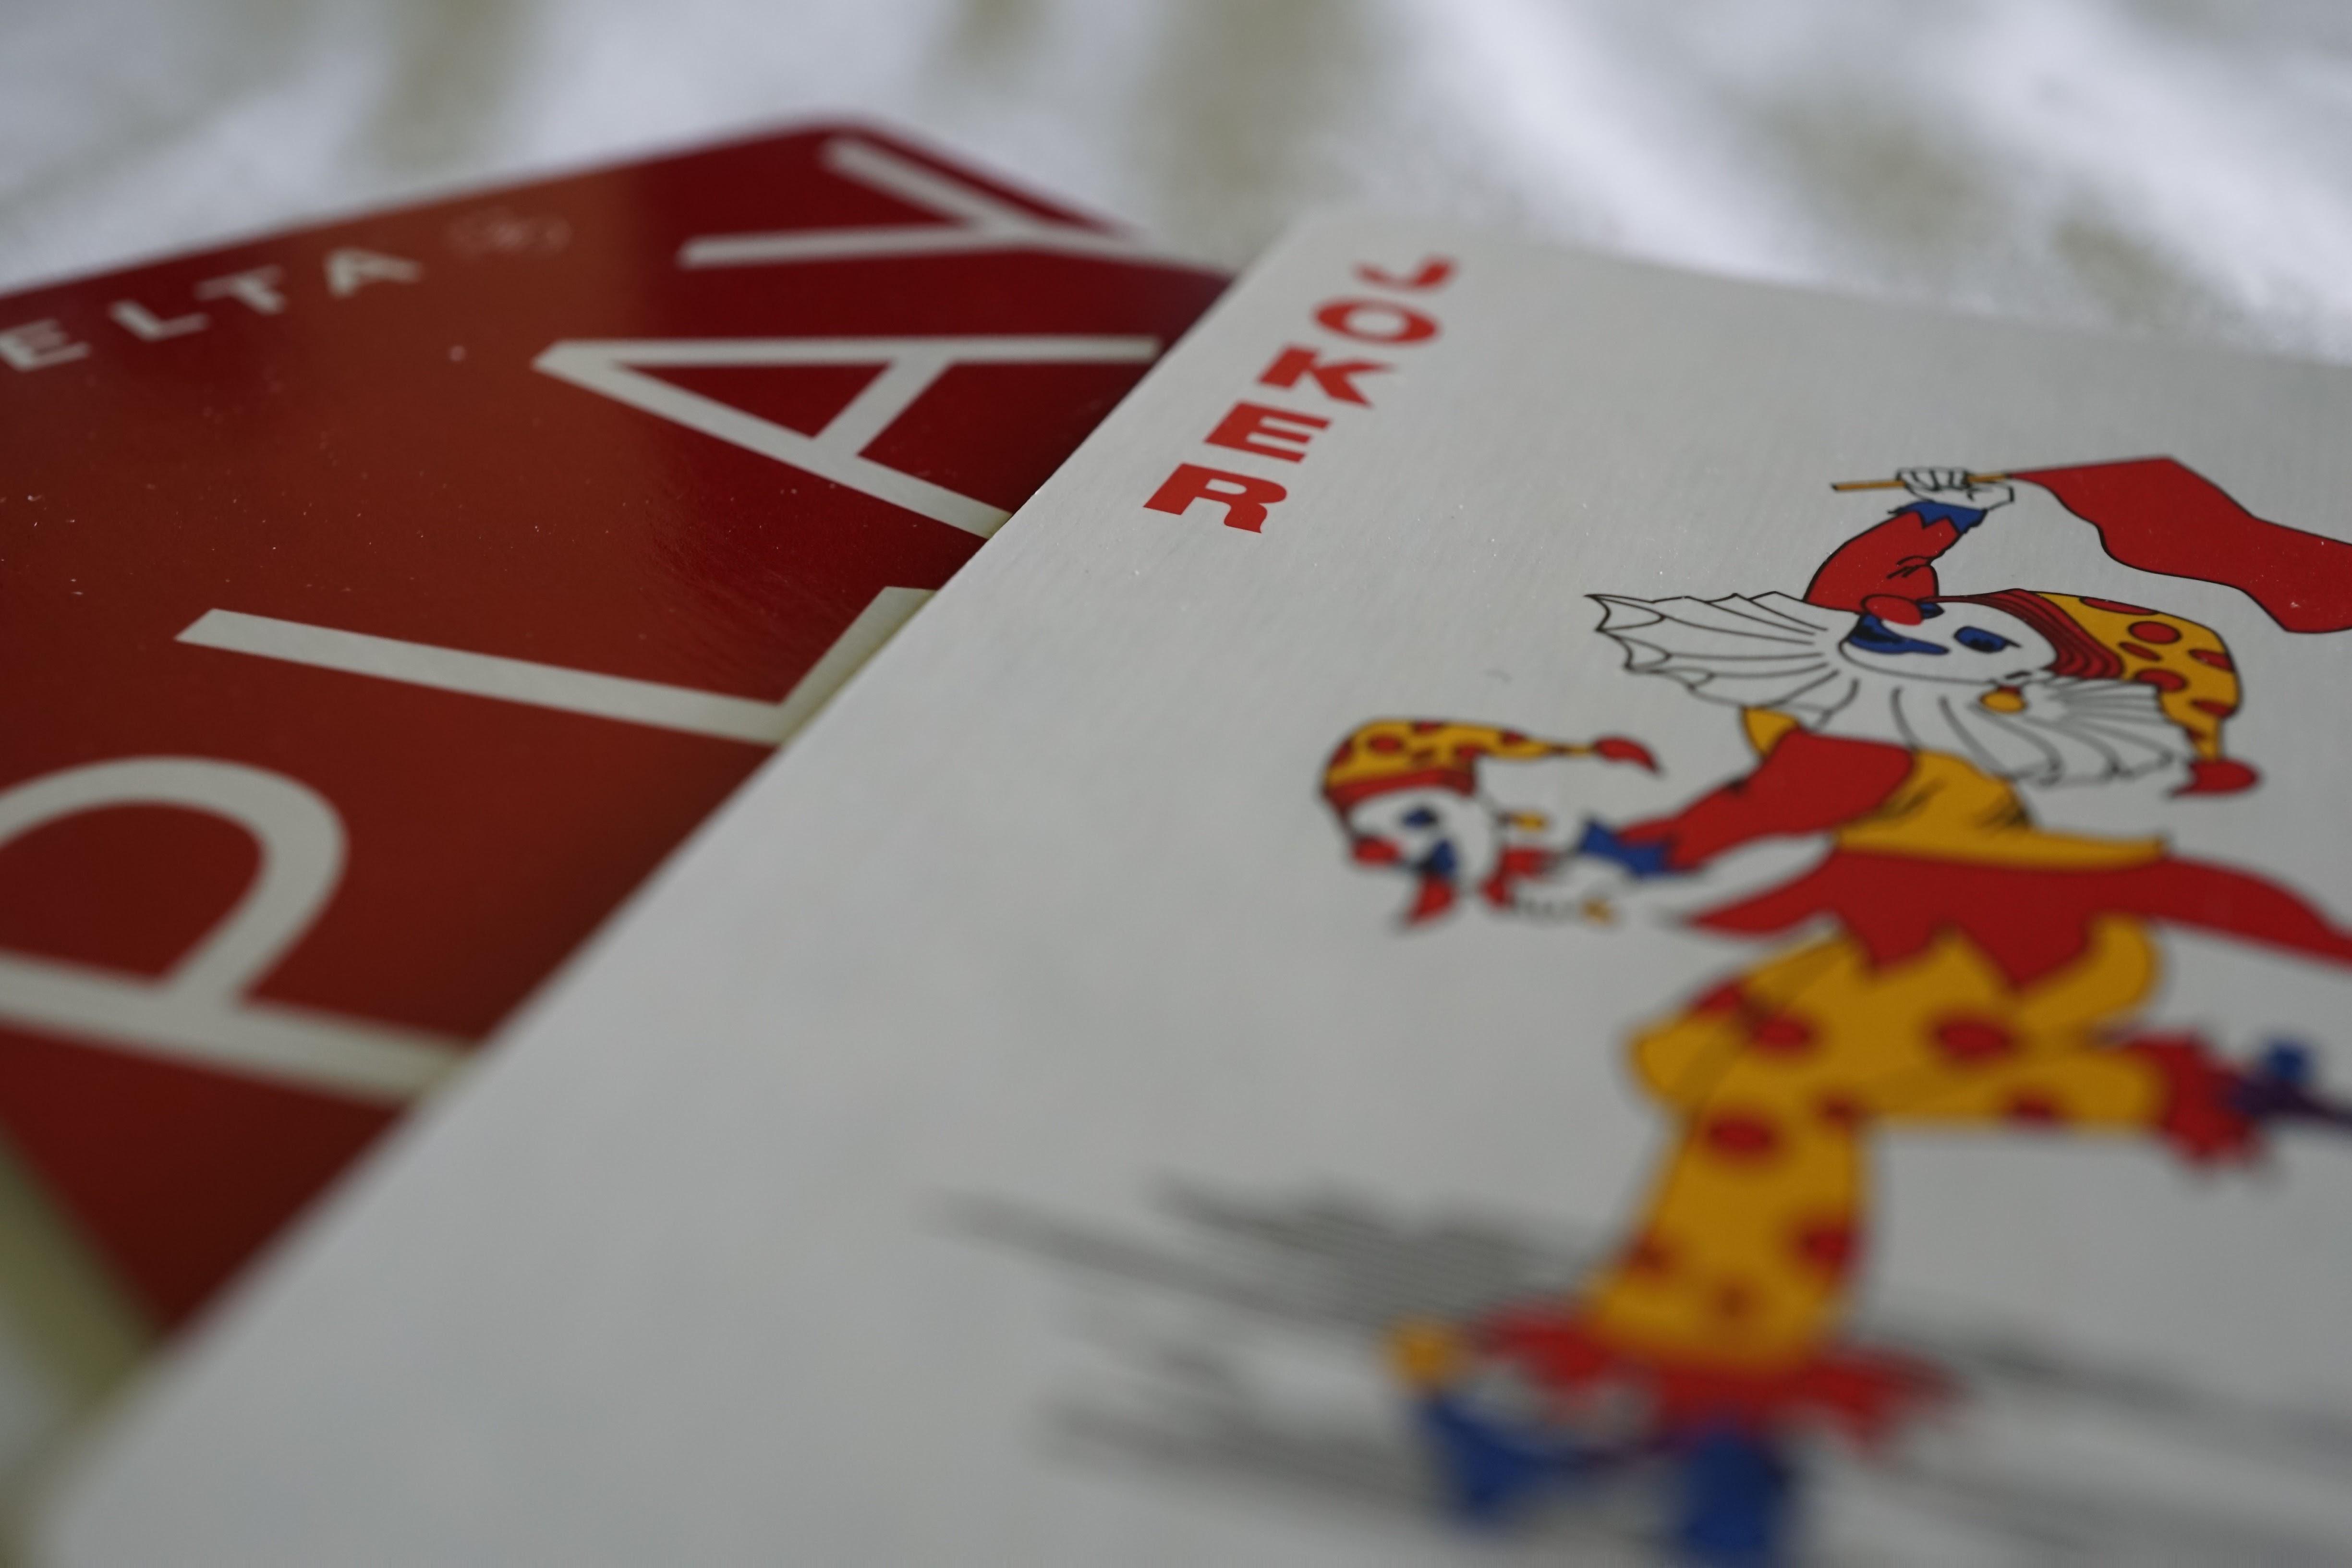 Joker Card, Cards, Closeup, Joker, Play, HQ Photo